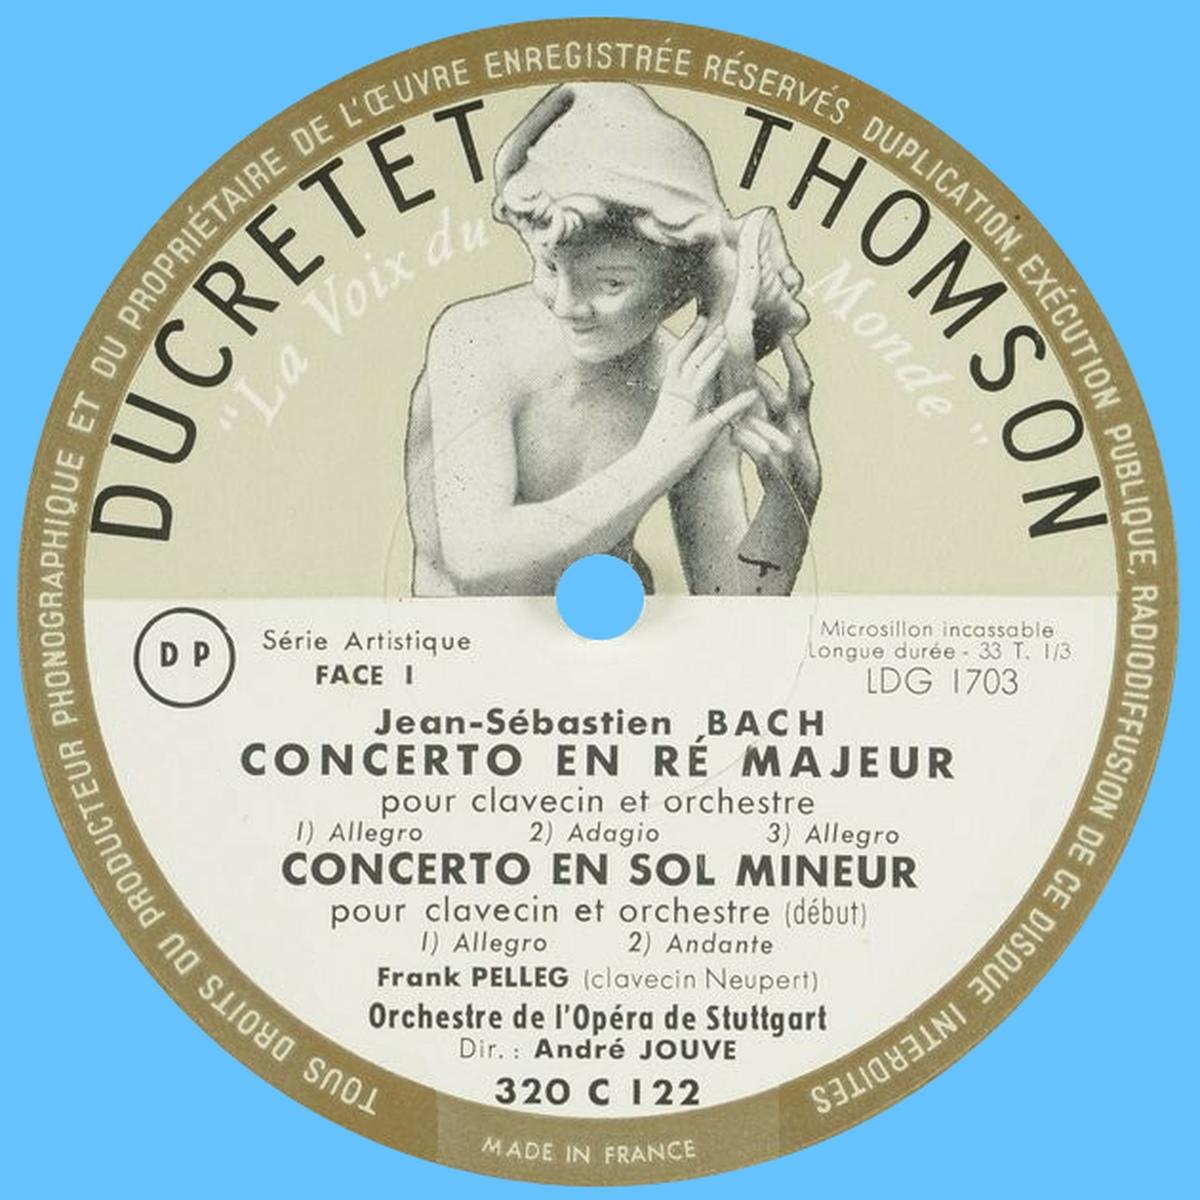 Étiquette recto du disque Ducretet-Thomson 320 C 122